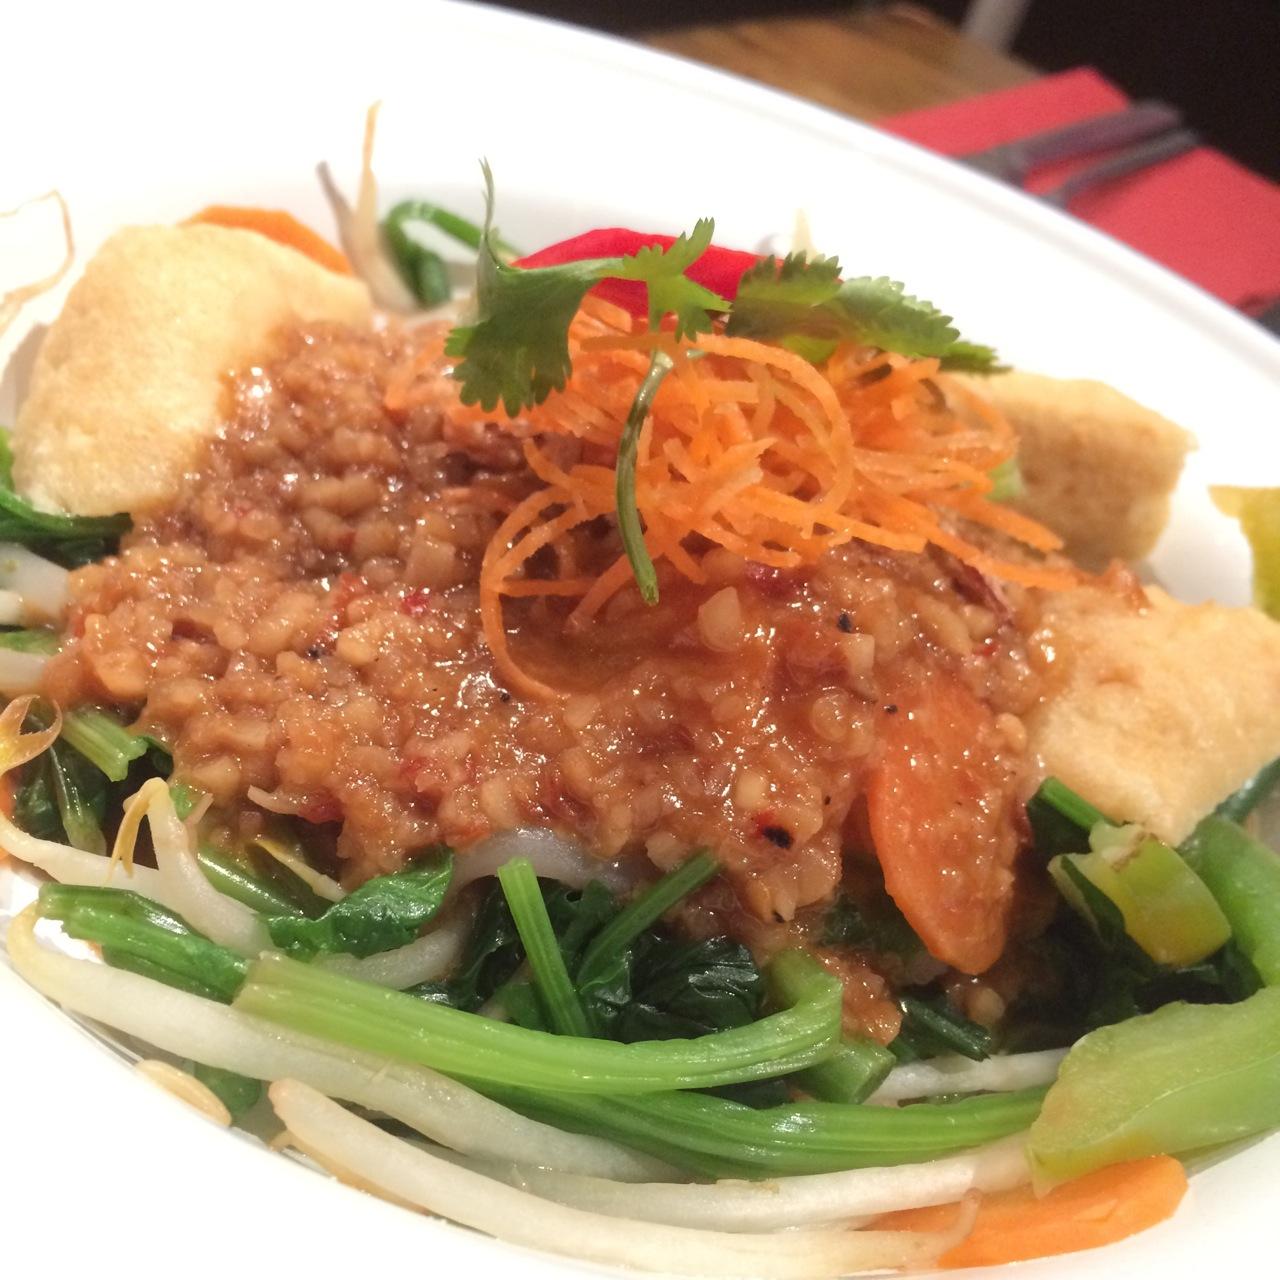 https://i0.wp.com/fatgayvegan.com/wp-content/uploads/2015/12/Ning-vegan-salad.jpg?fit=1280%2C1280